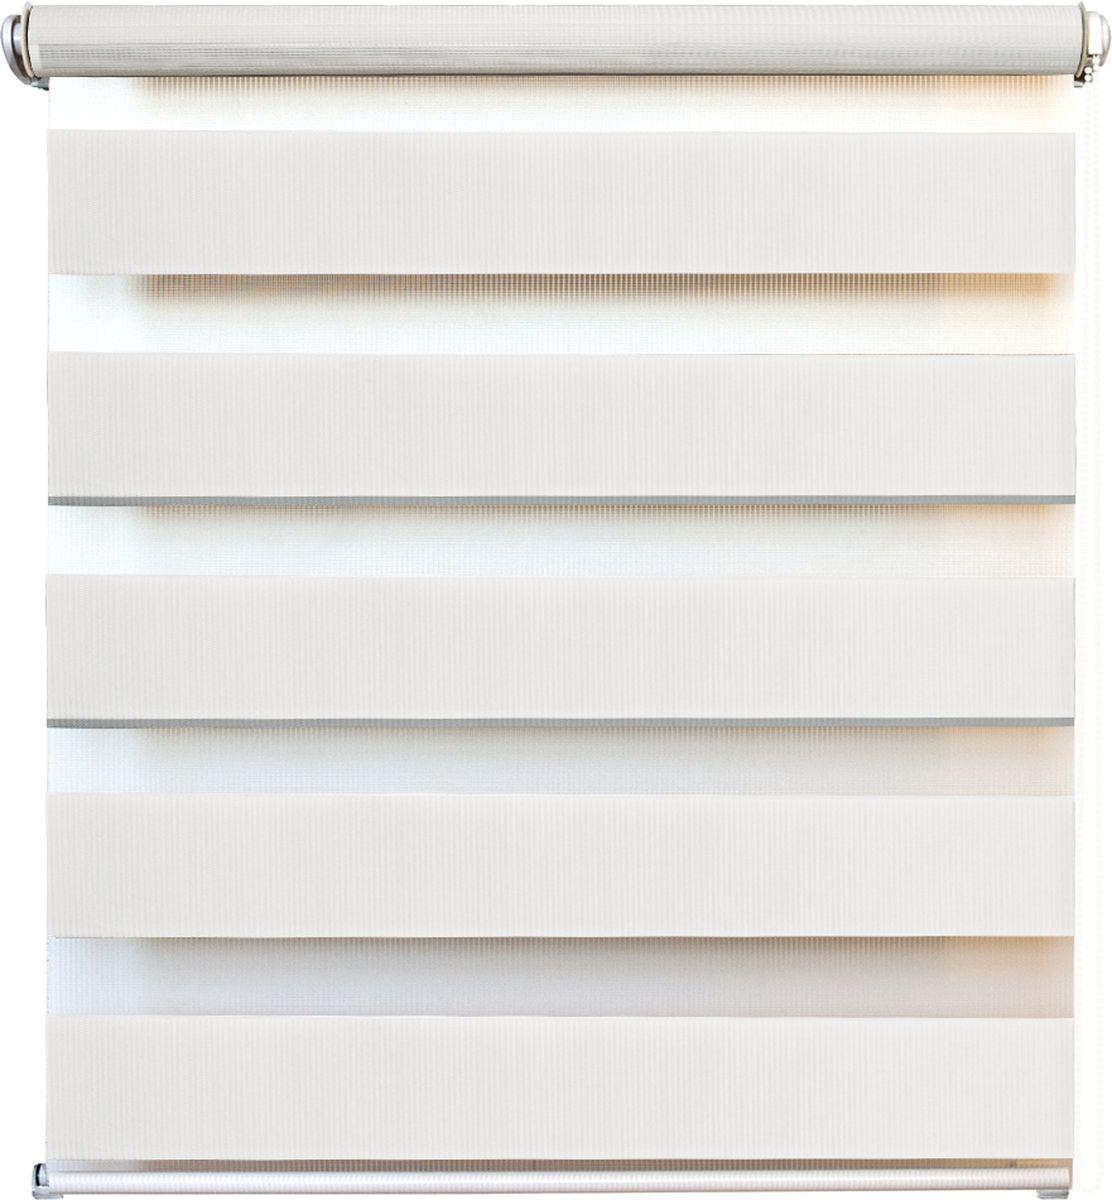 Штора рулонная день/ночь Уют Канзас, цвет: белый, 50 х 160 см62.РШТО.8920.050х160Штора рулонная день/ночь Уют Канзас выполнена из прочного полиэстера, в котором чередуются полосы различной плотности и фактуры. Управление двойным слоем ткани с помощью цепочки позволяет регулировать степень светопроницаемости шторы. Если совпали плотные полосы, то прозрачные будут открыты максимально. Это положение шторы называется День. Максимальное затемнение помещения достигается при полном совпадении полос разных фактур. Это положение шторы называется Ночь. Конструкция шторы также позволяет полностью свернуть полотно, обеспечив максимальное открытие окна. Рулонная штора - это разновидность штор, которая закрывает не весь оконный проем, а непосредственно само стекло. Такая штора очень компактна, что помогает сэкономить пространство. Универсальная конструкция позволяет монтировать штору на стену, потолок, деревянные или пластиковые рамы окон. В комплект входят кронштейны и нижний утяжелитель. Возможна установка с управлением цепочкой как справа, так и...